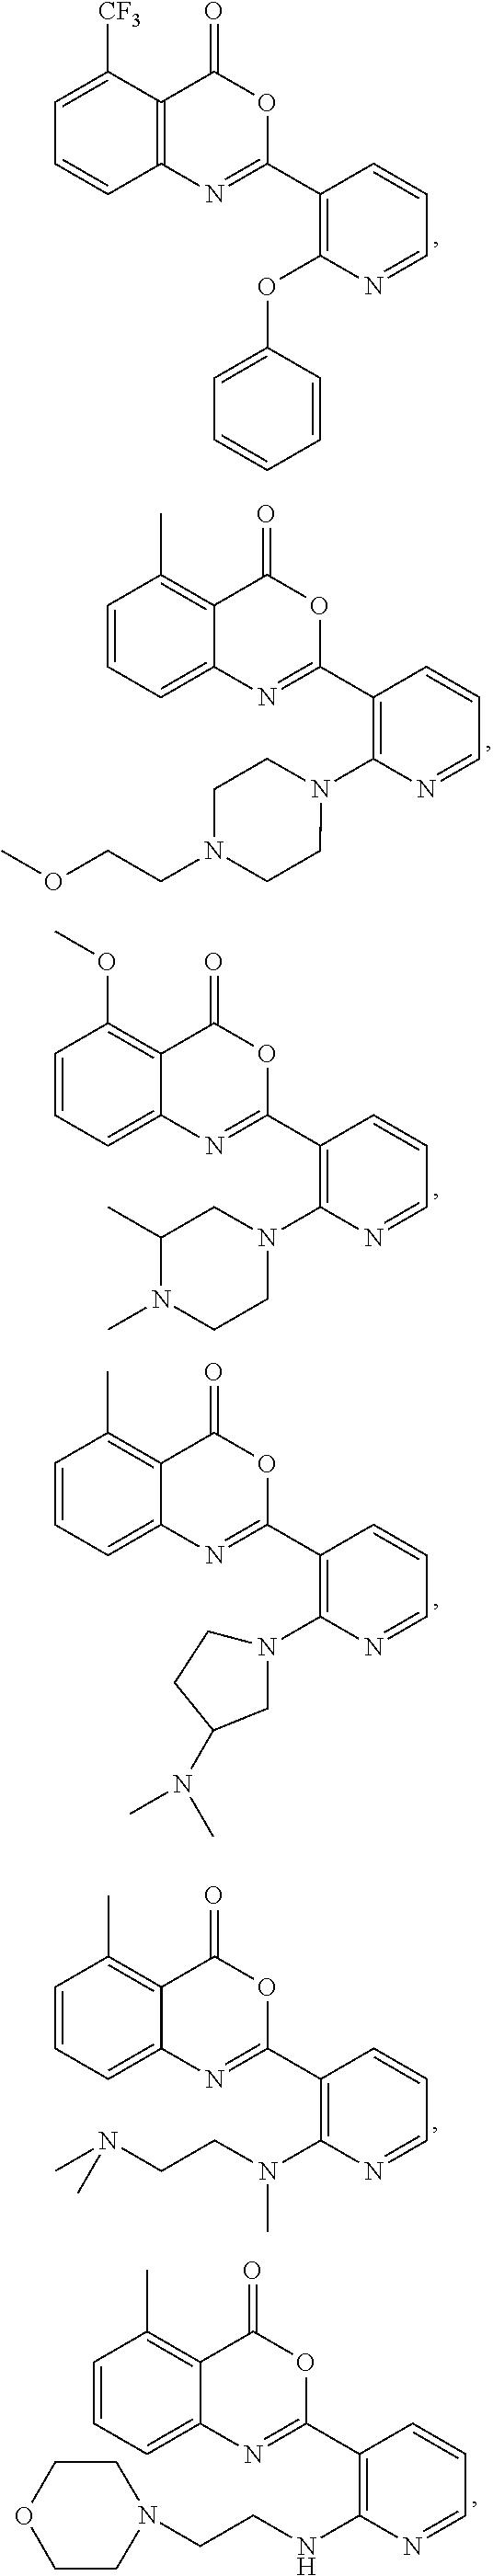 Figure US07879846-20110201-C00030